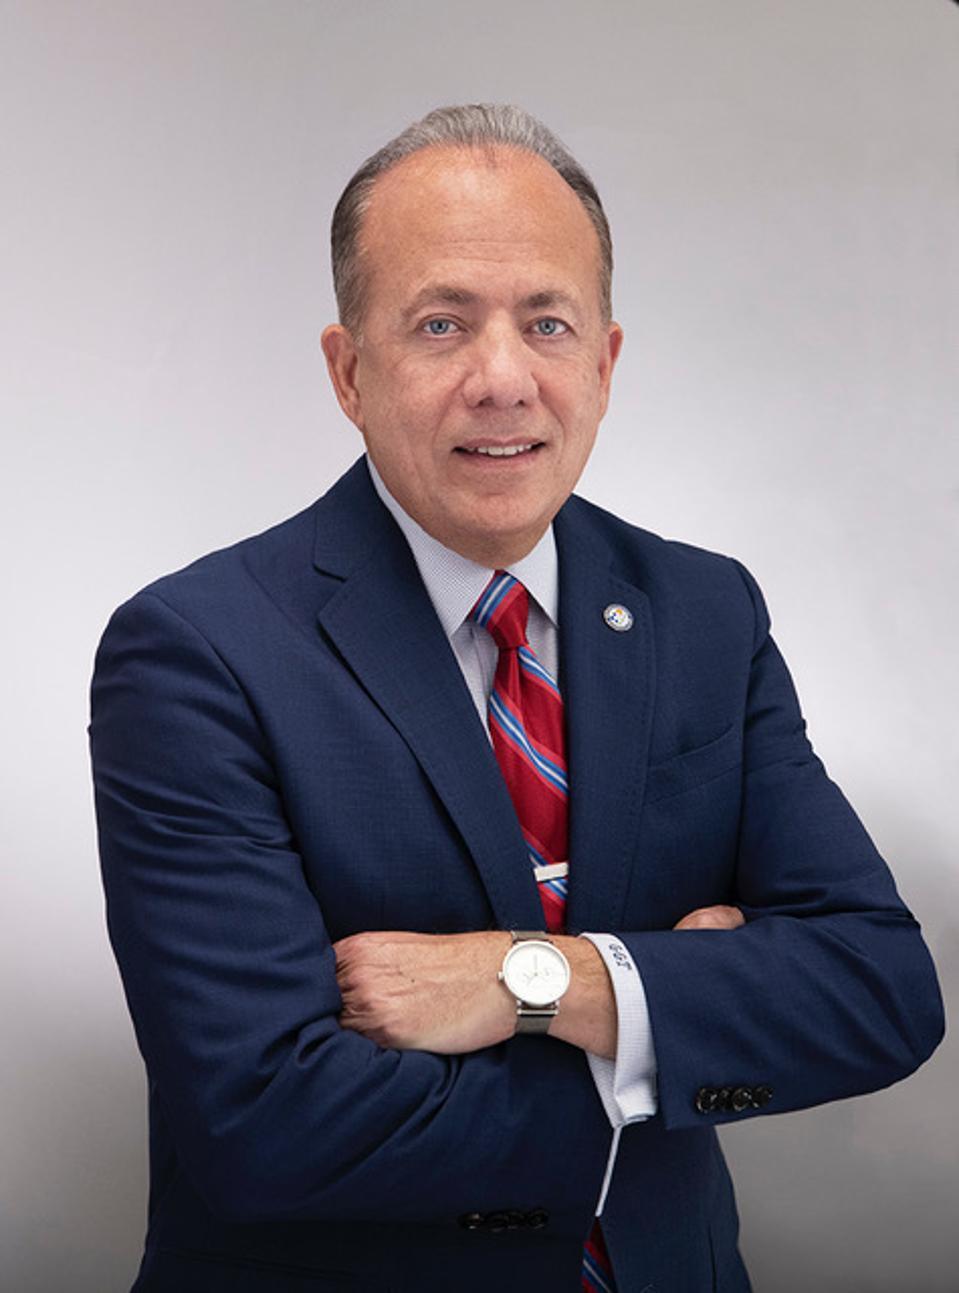 Gary Terrinoni